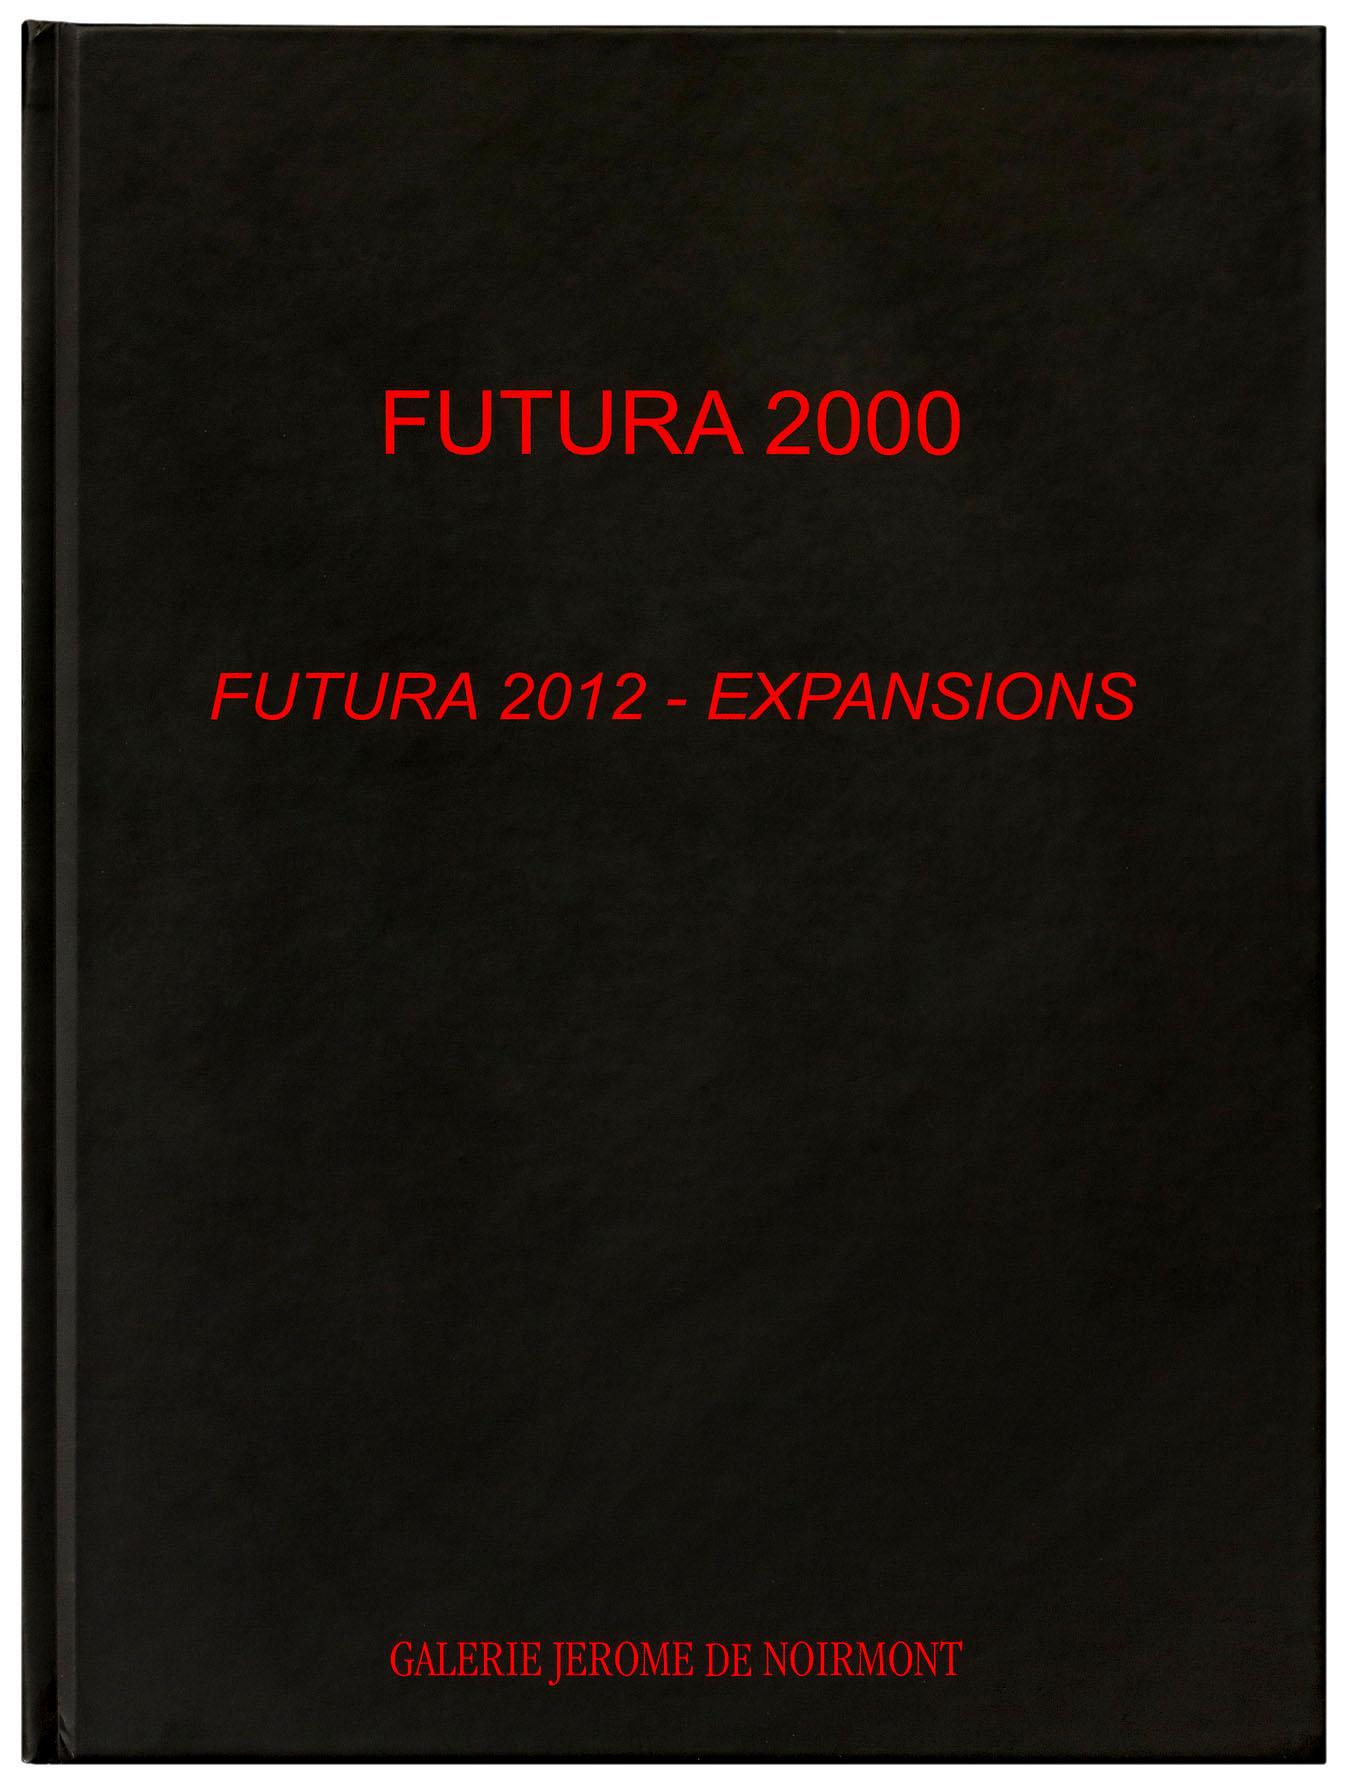 Futura 2000 / Ed. J. de Noirmont